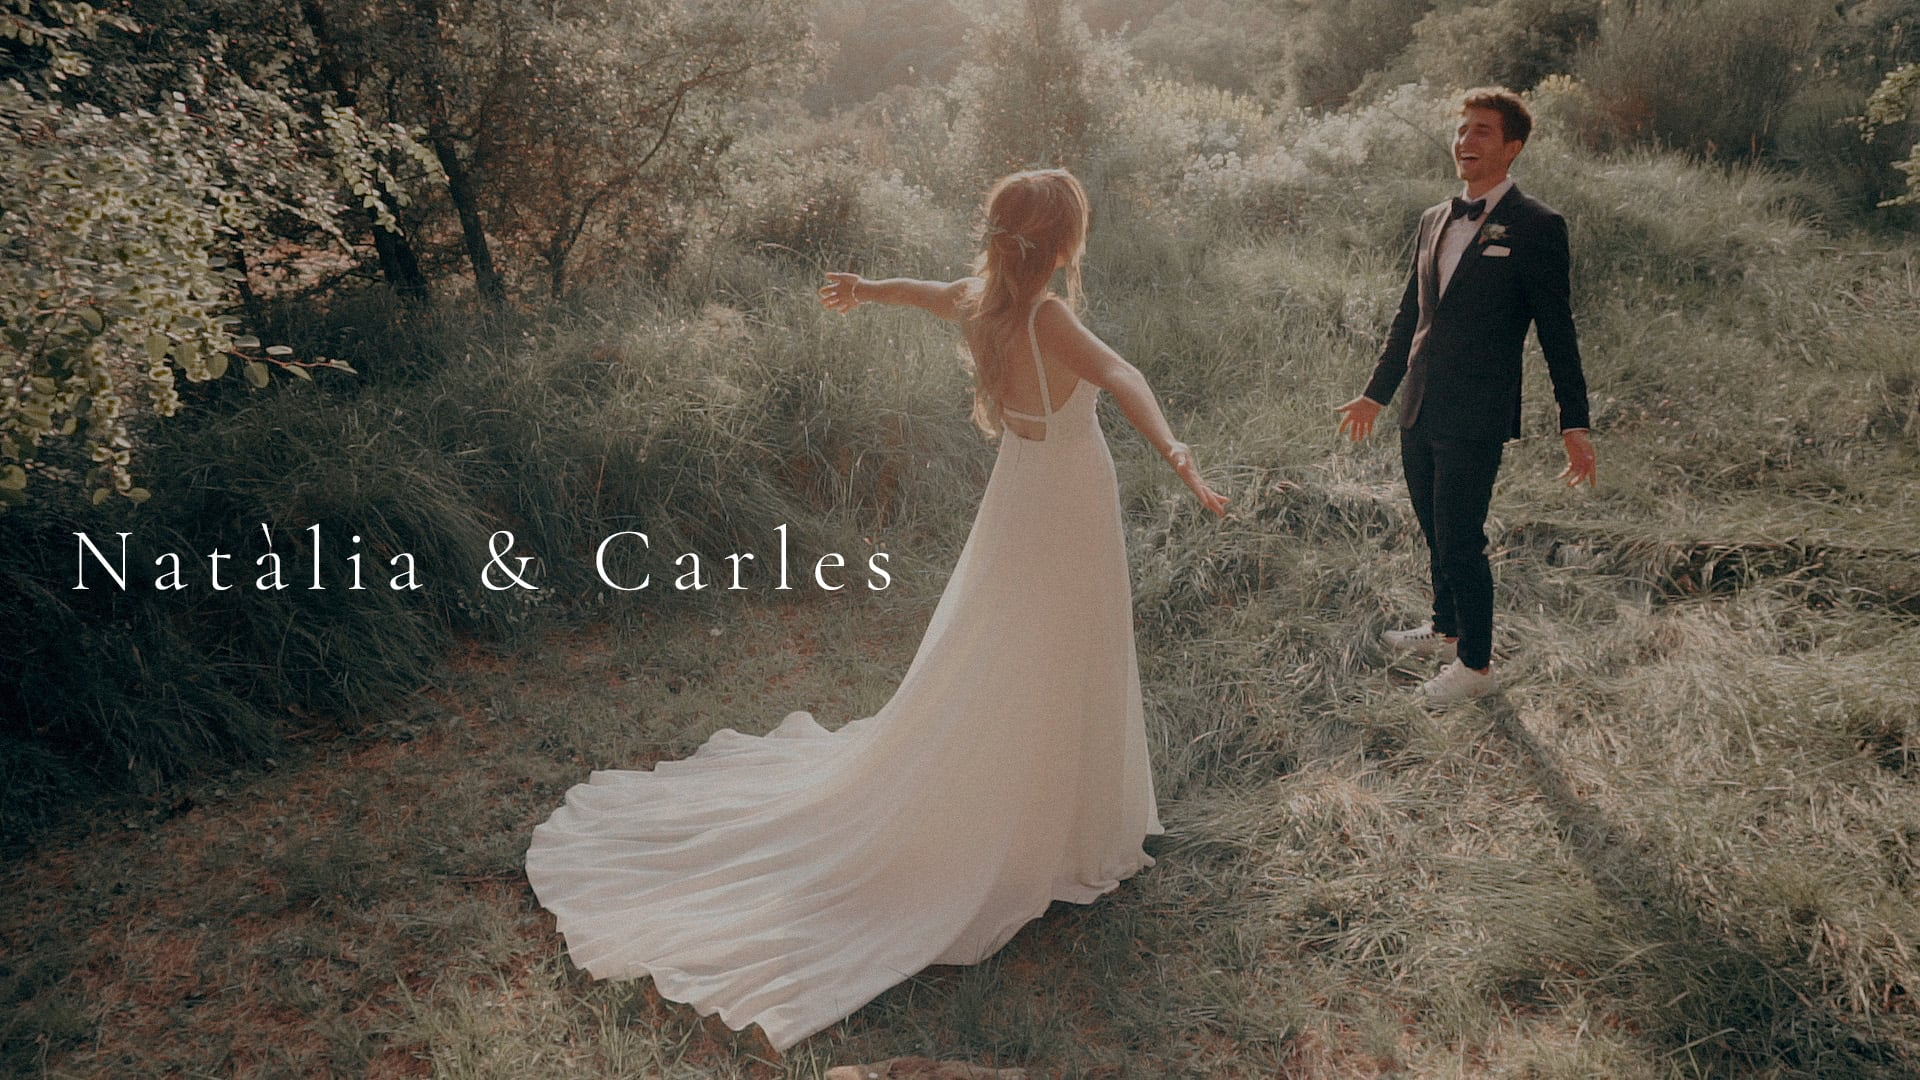 Natàlia & Carles - La película